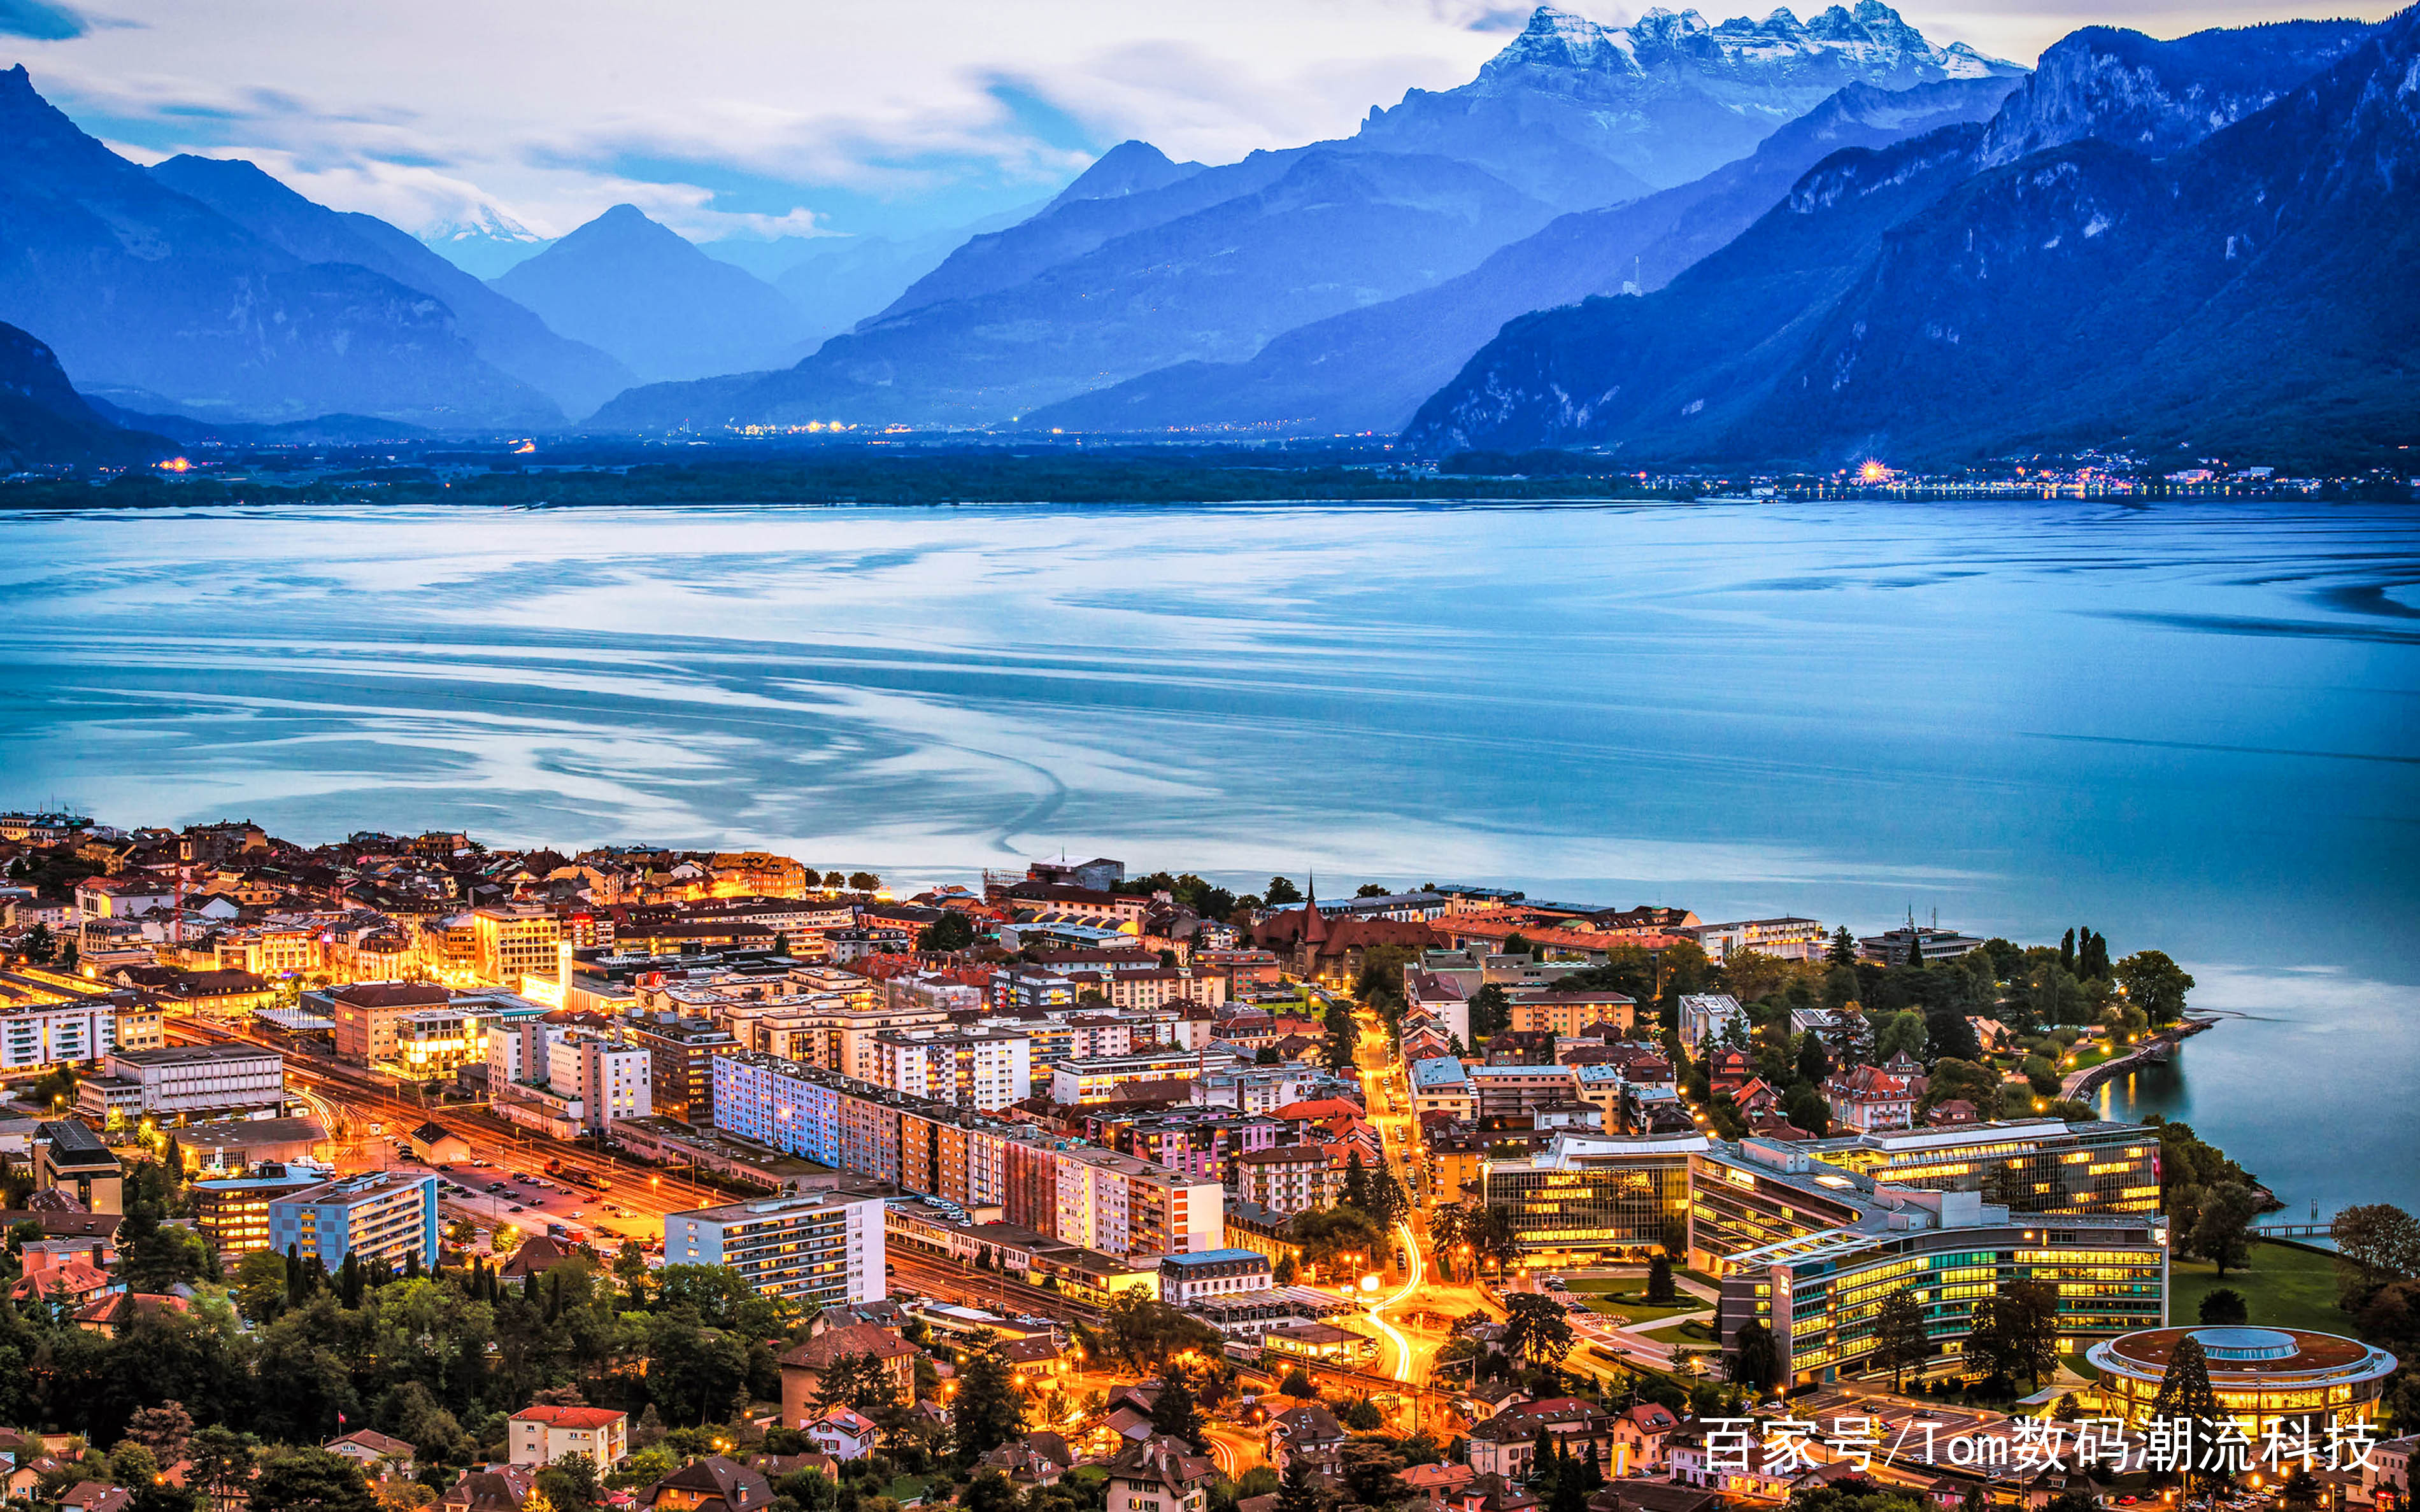 世界上最富有的城市 也是世界上最大的金融中心之一